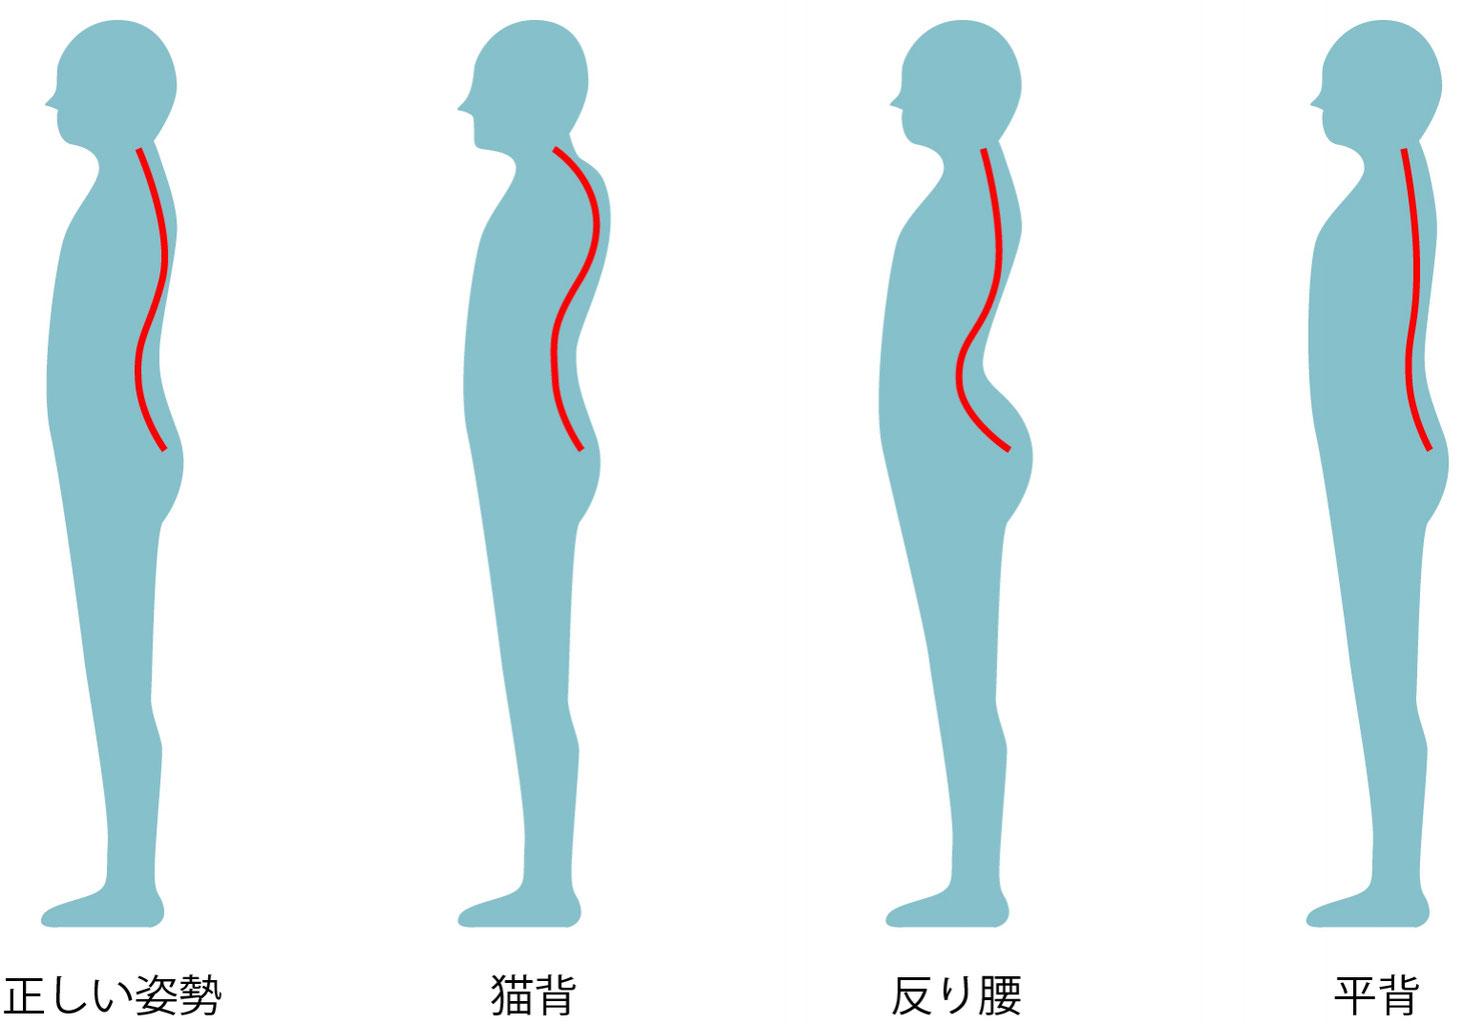 ねこ背・肋骨背中痛、側弯症を首や腰から変える整体院 - 整体ゆあさ ...